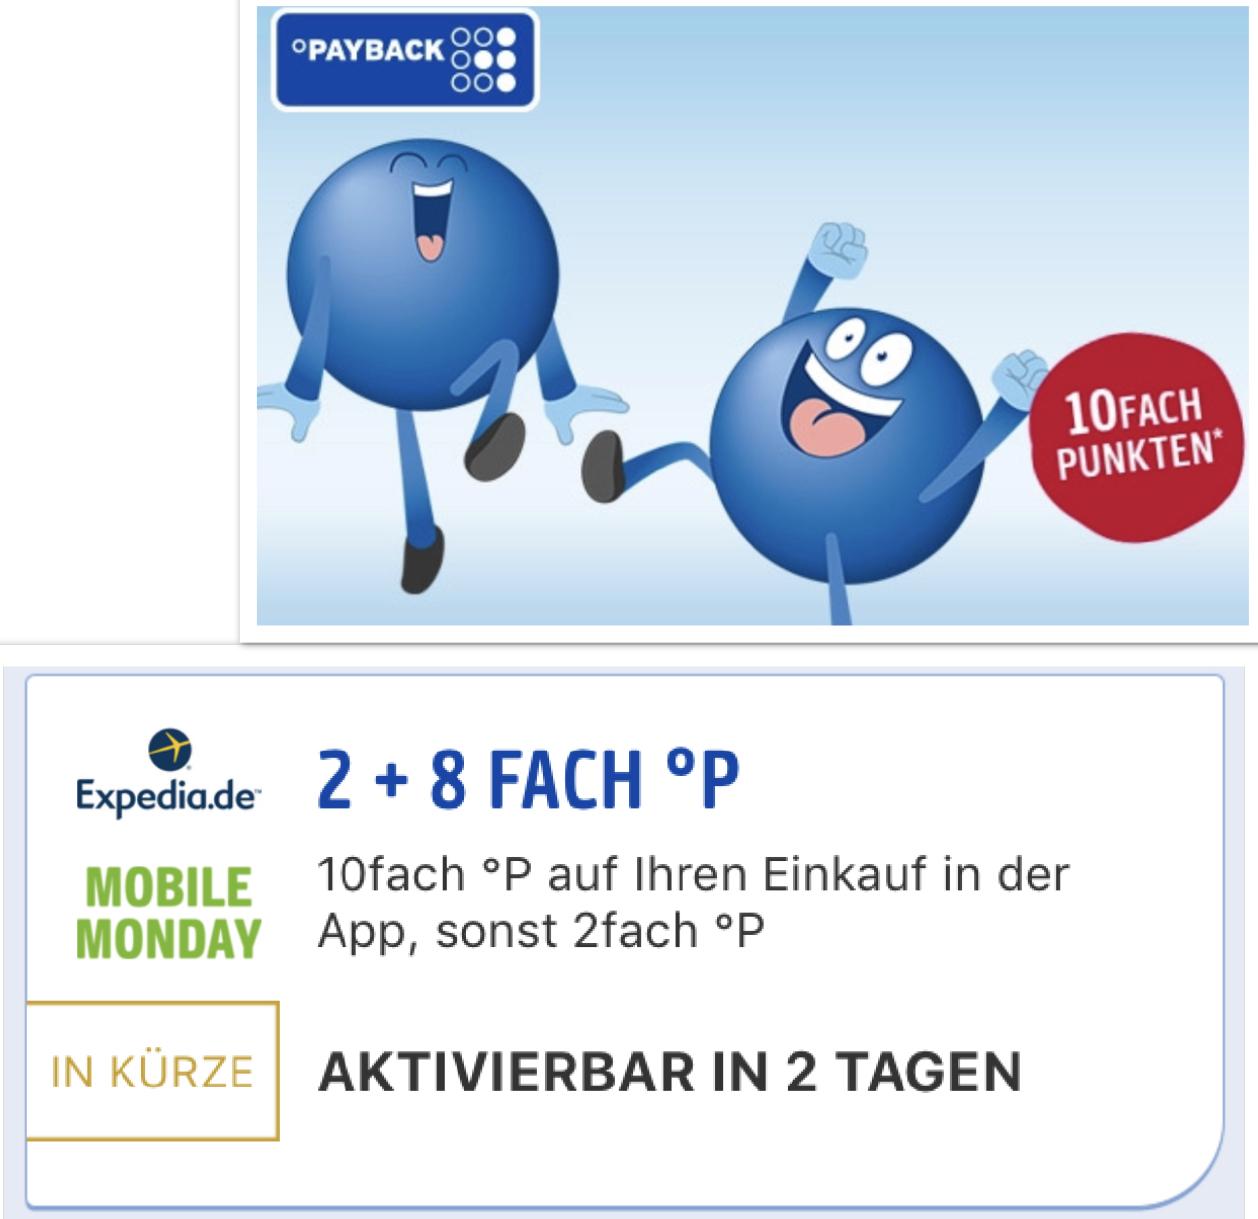 Nur am Montag: Mobile Monday 10-fach Payback Punkte bei Expedia - entspricht rd. 5% Ersparnis (evtl. mit Shoop kombinierbar)